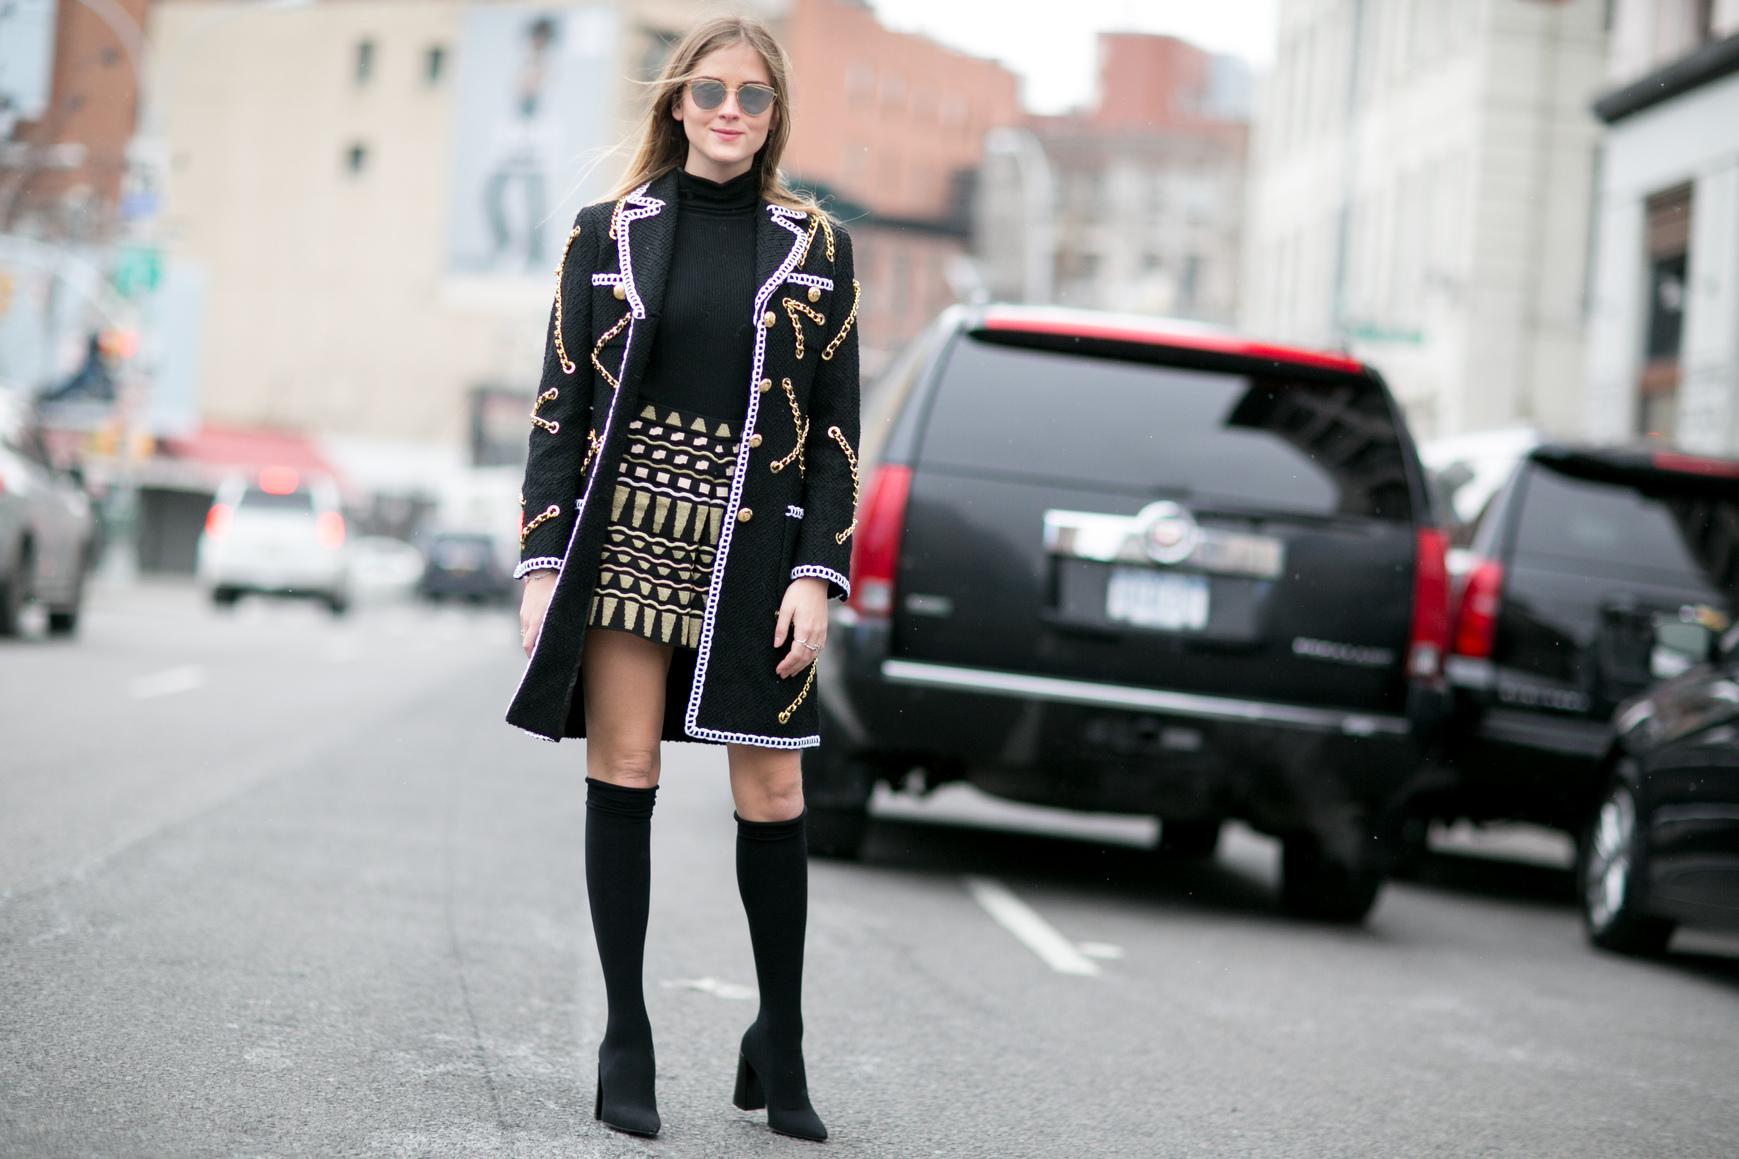 Blogerka Valentina Ferragni podczas Tygodnia Mody w Nowym Jorku